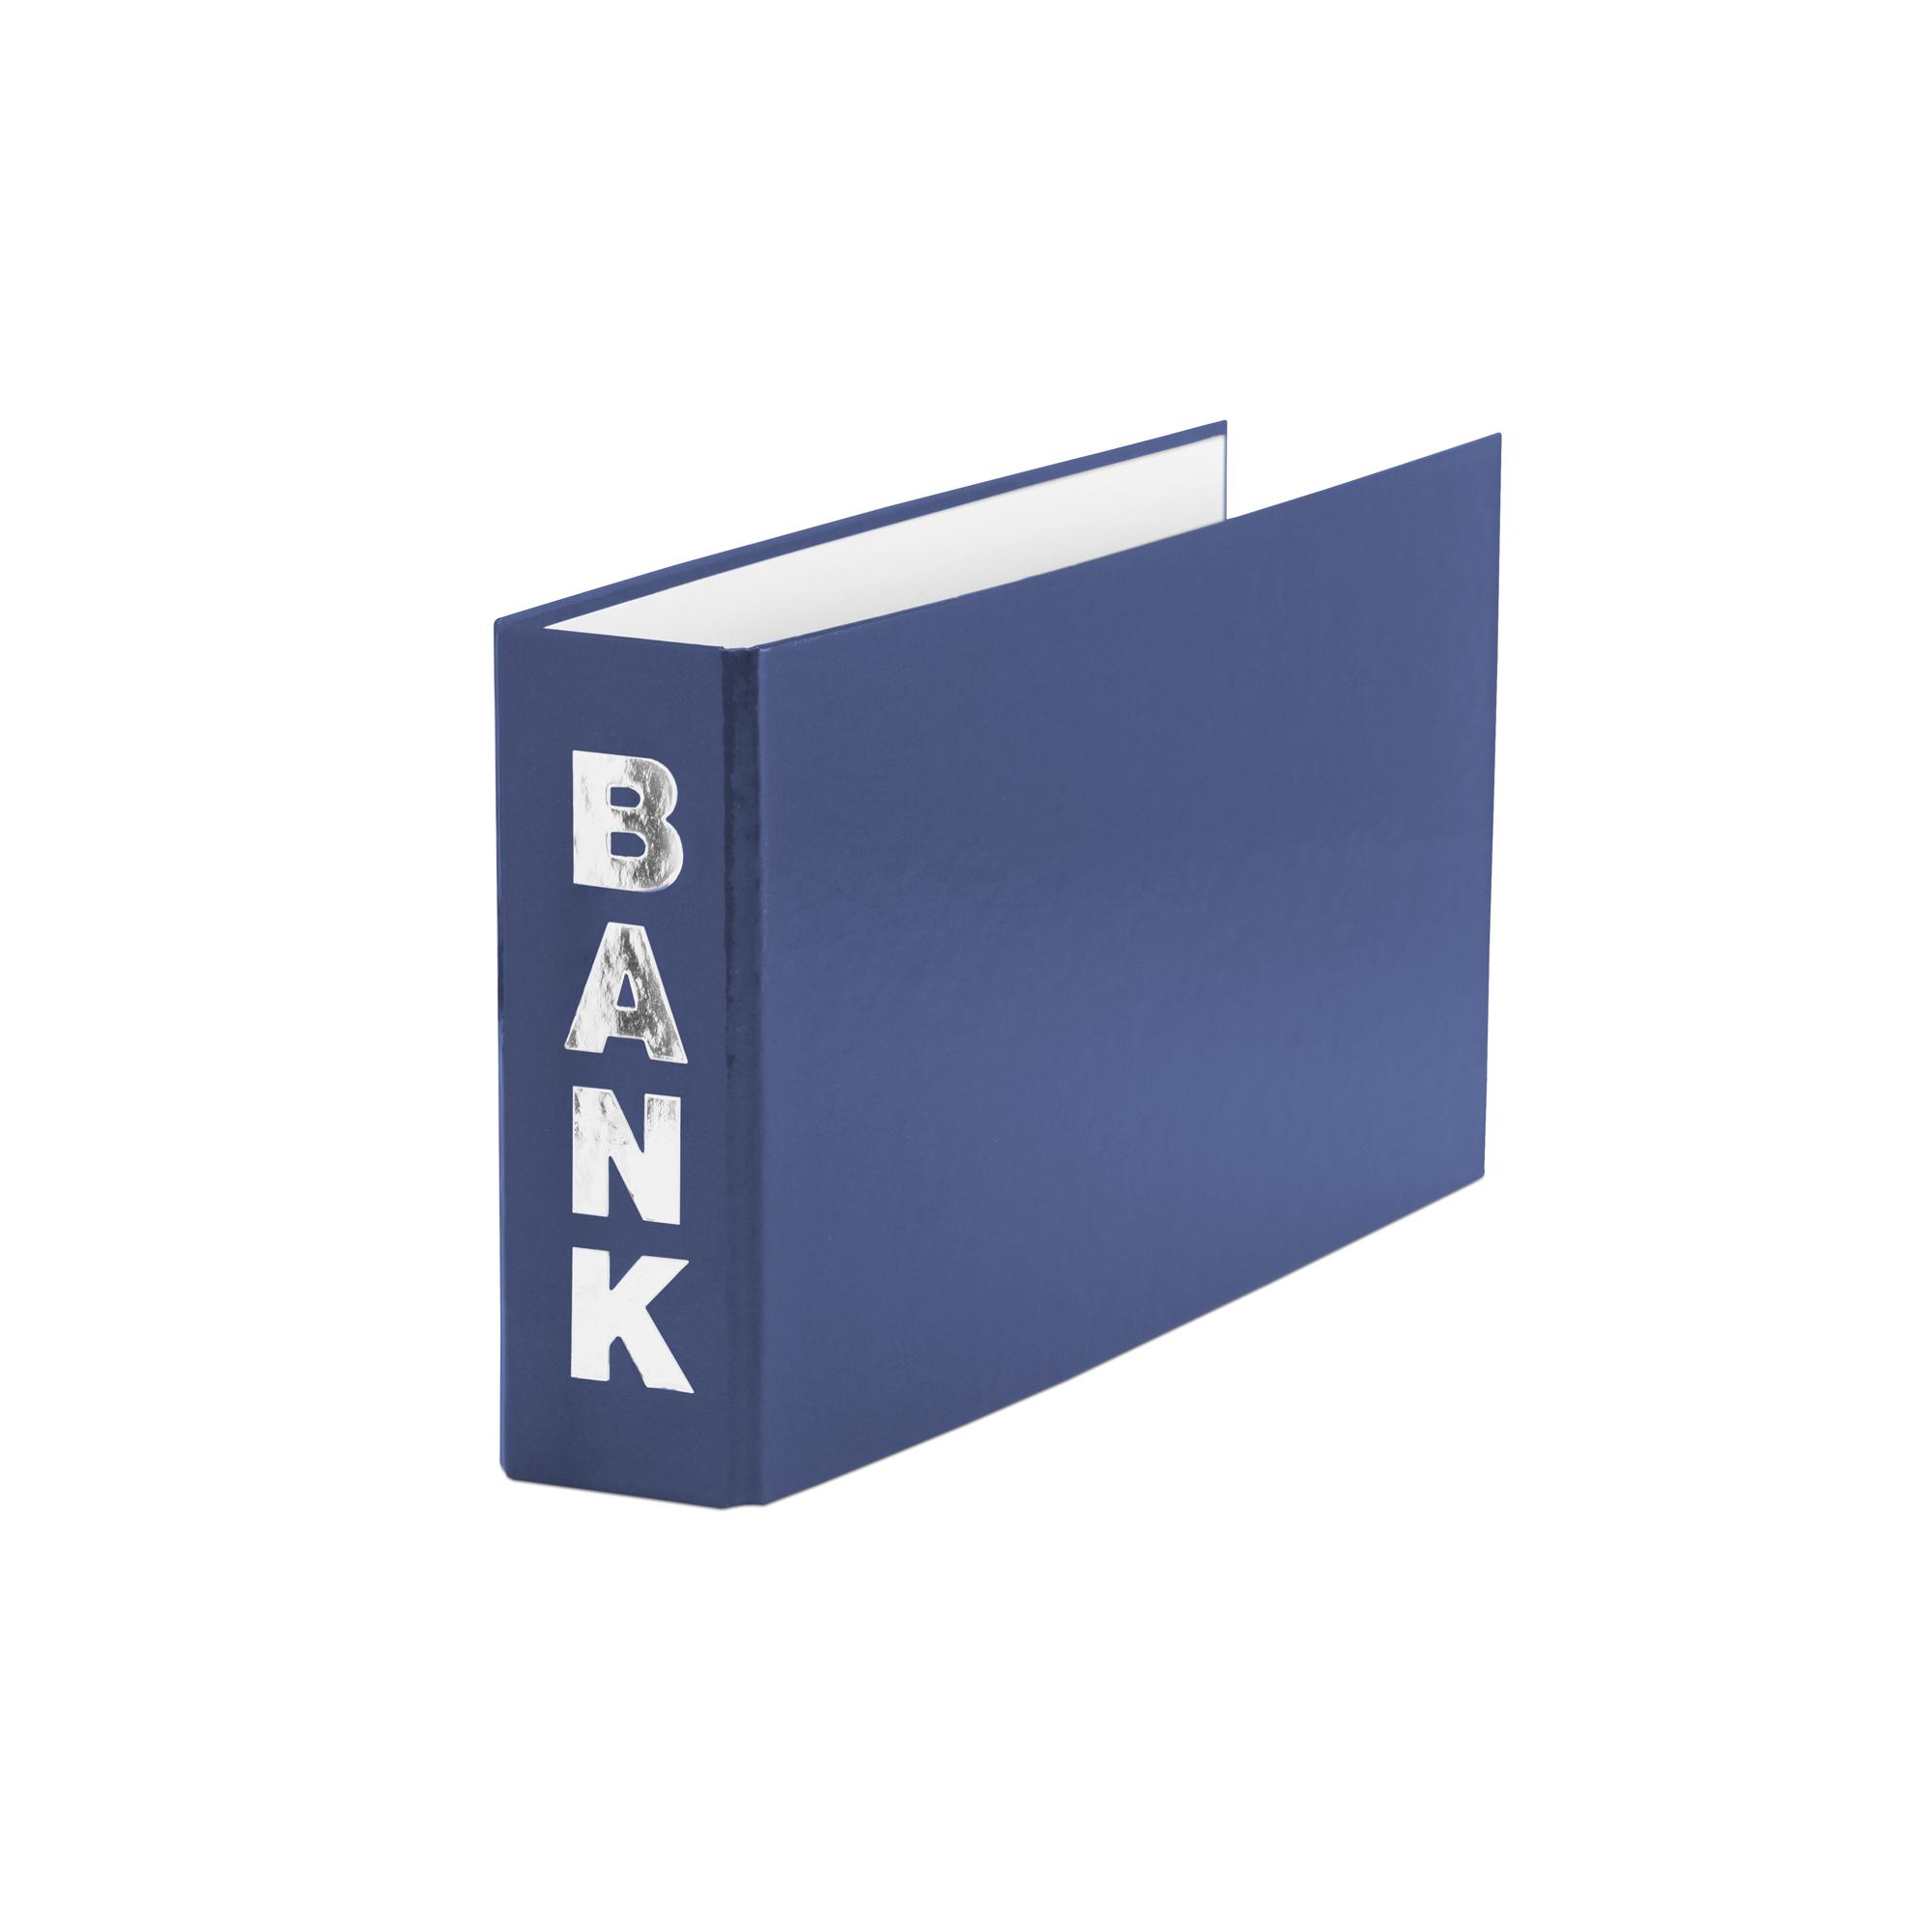 3 Bankordner 140x250mm Fur Kontoauszuge Farbe Je 1x Grun